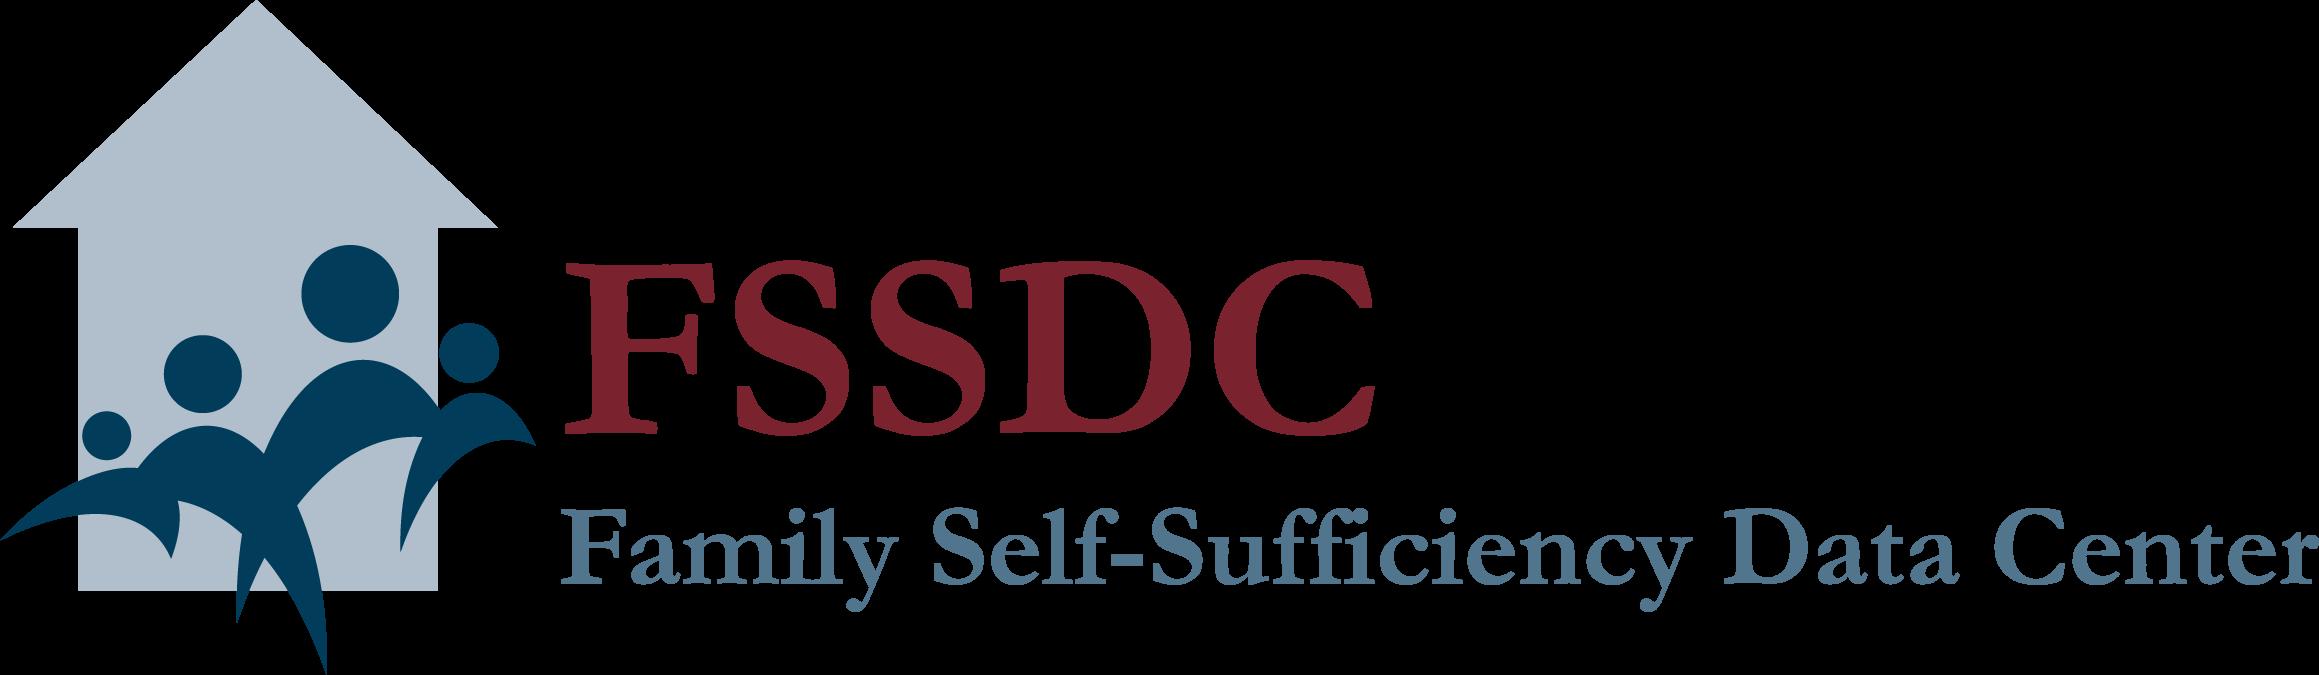 fssdc logo